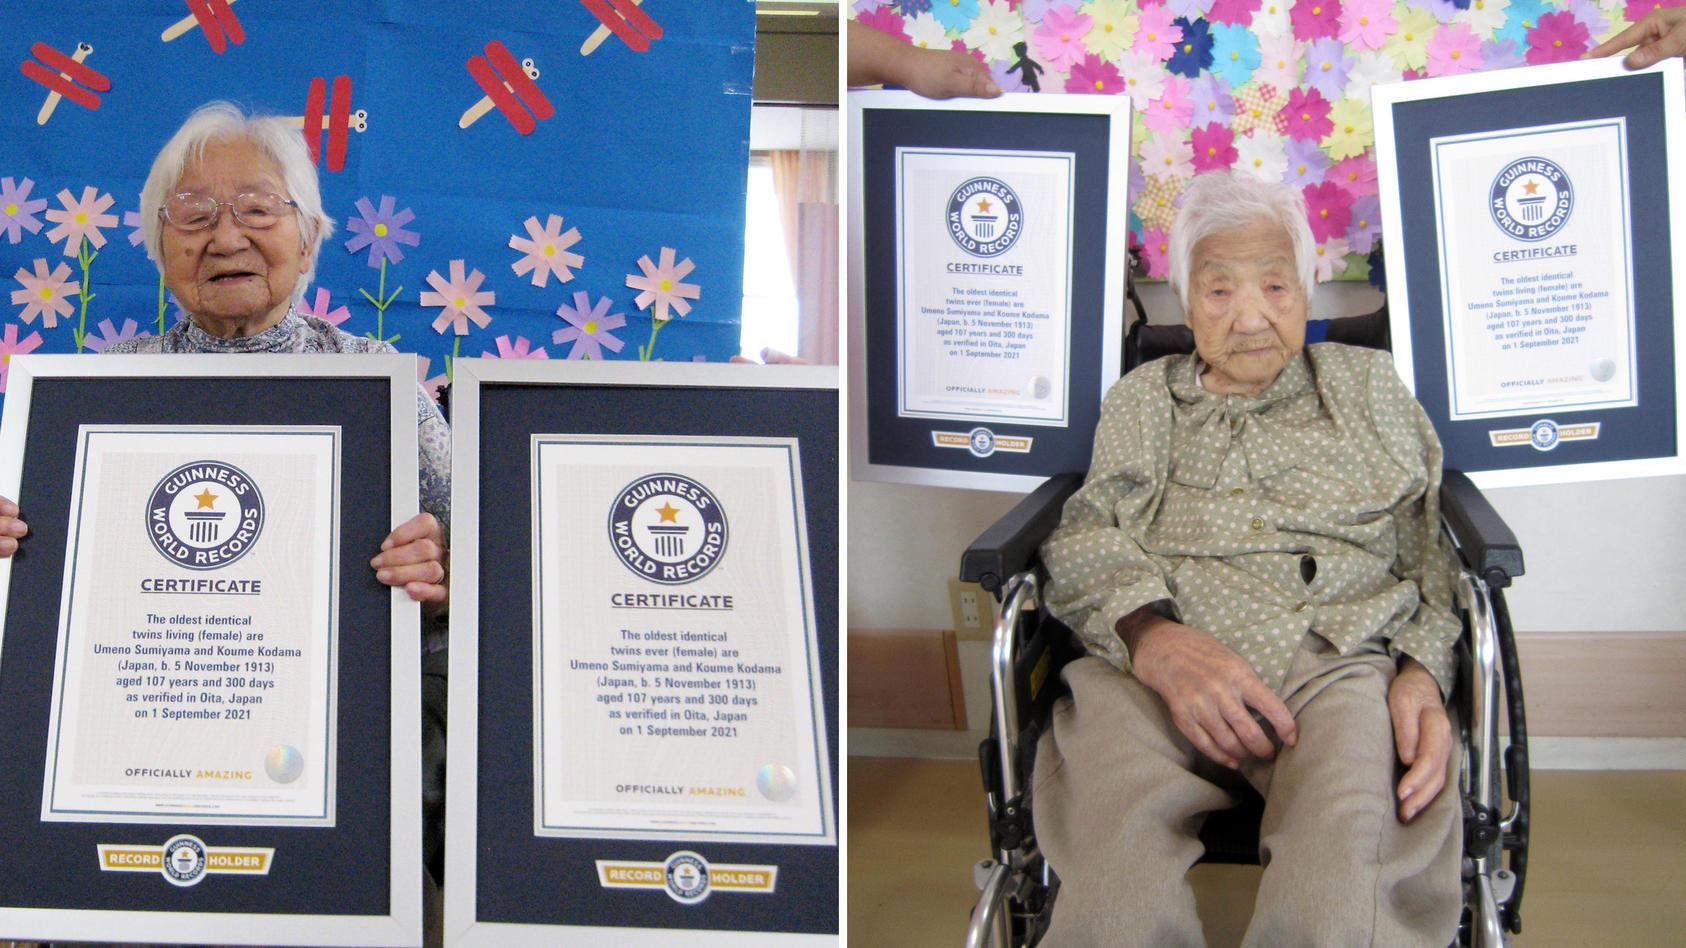 Die Zwillingsschwestern Umeno Sumiyama (links) und Koume Kodama (rechts) haben es in das Guinness-Buch der Rekorde geschafft.